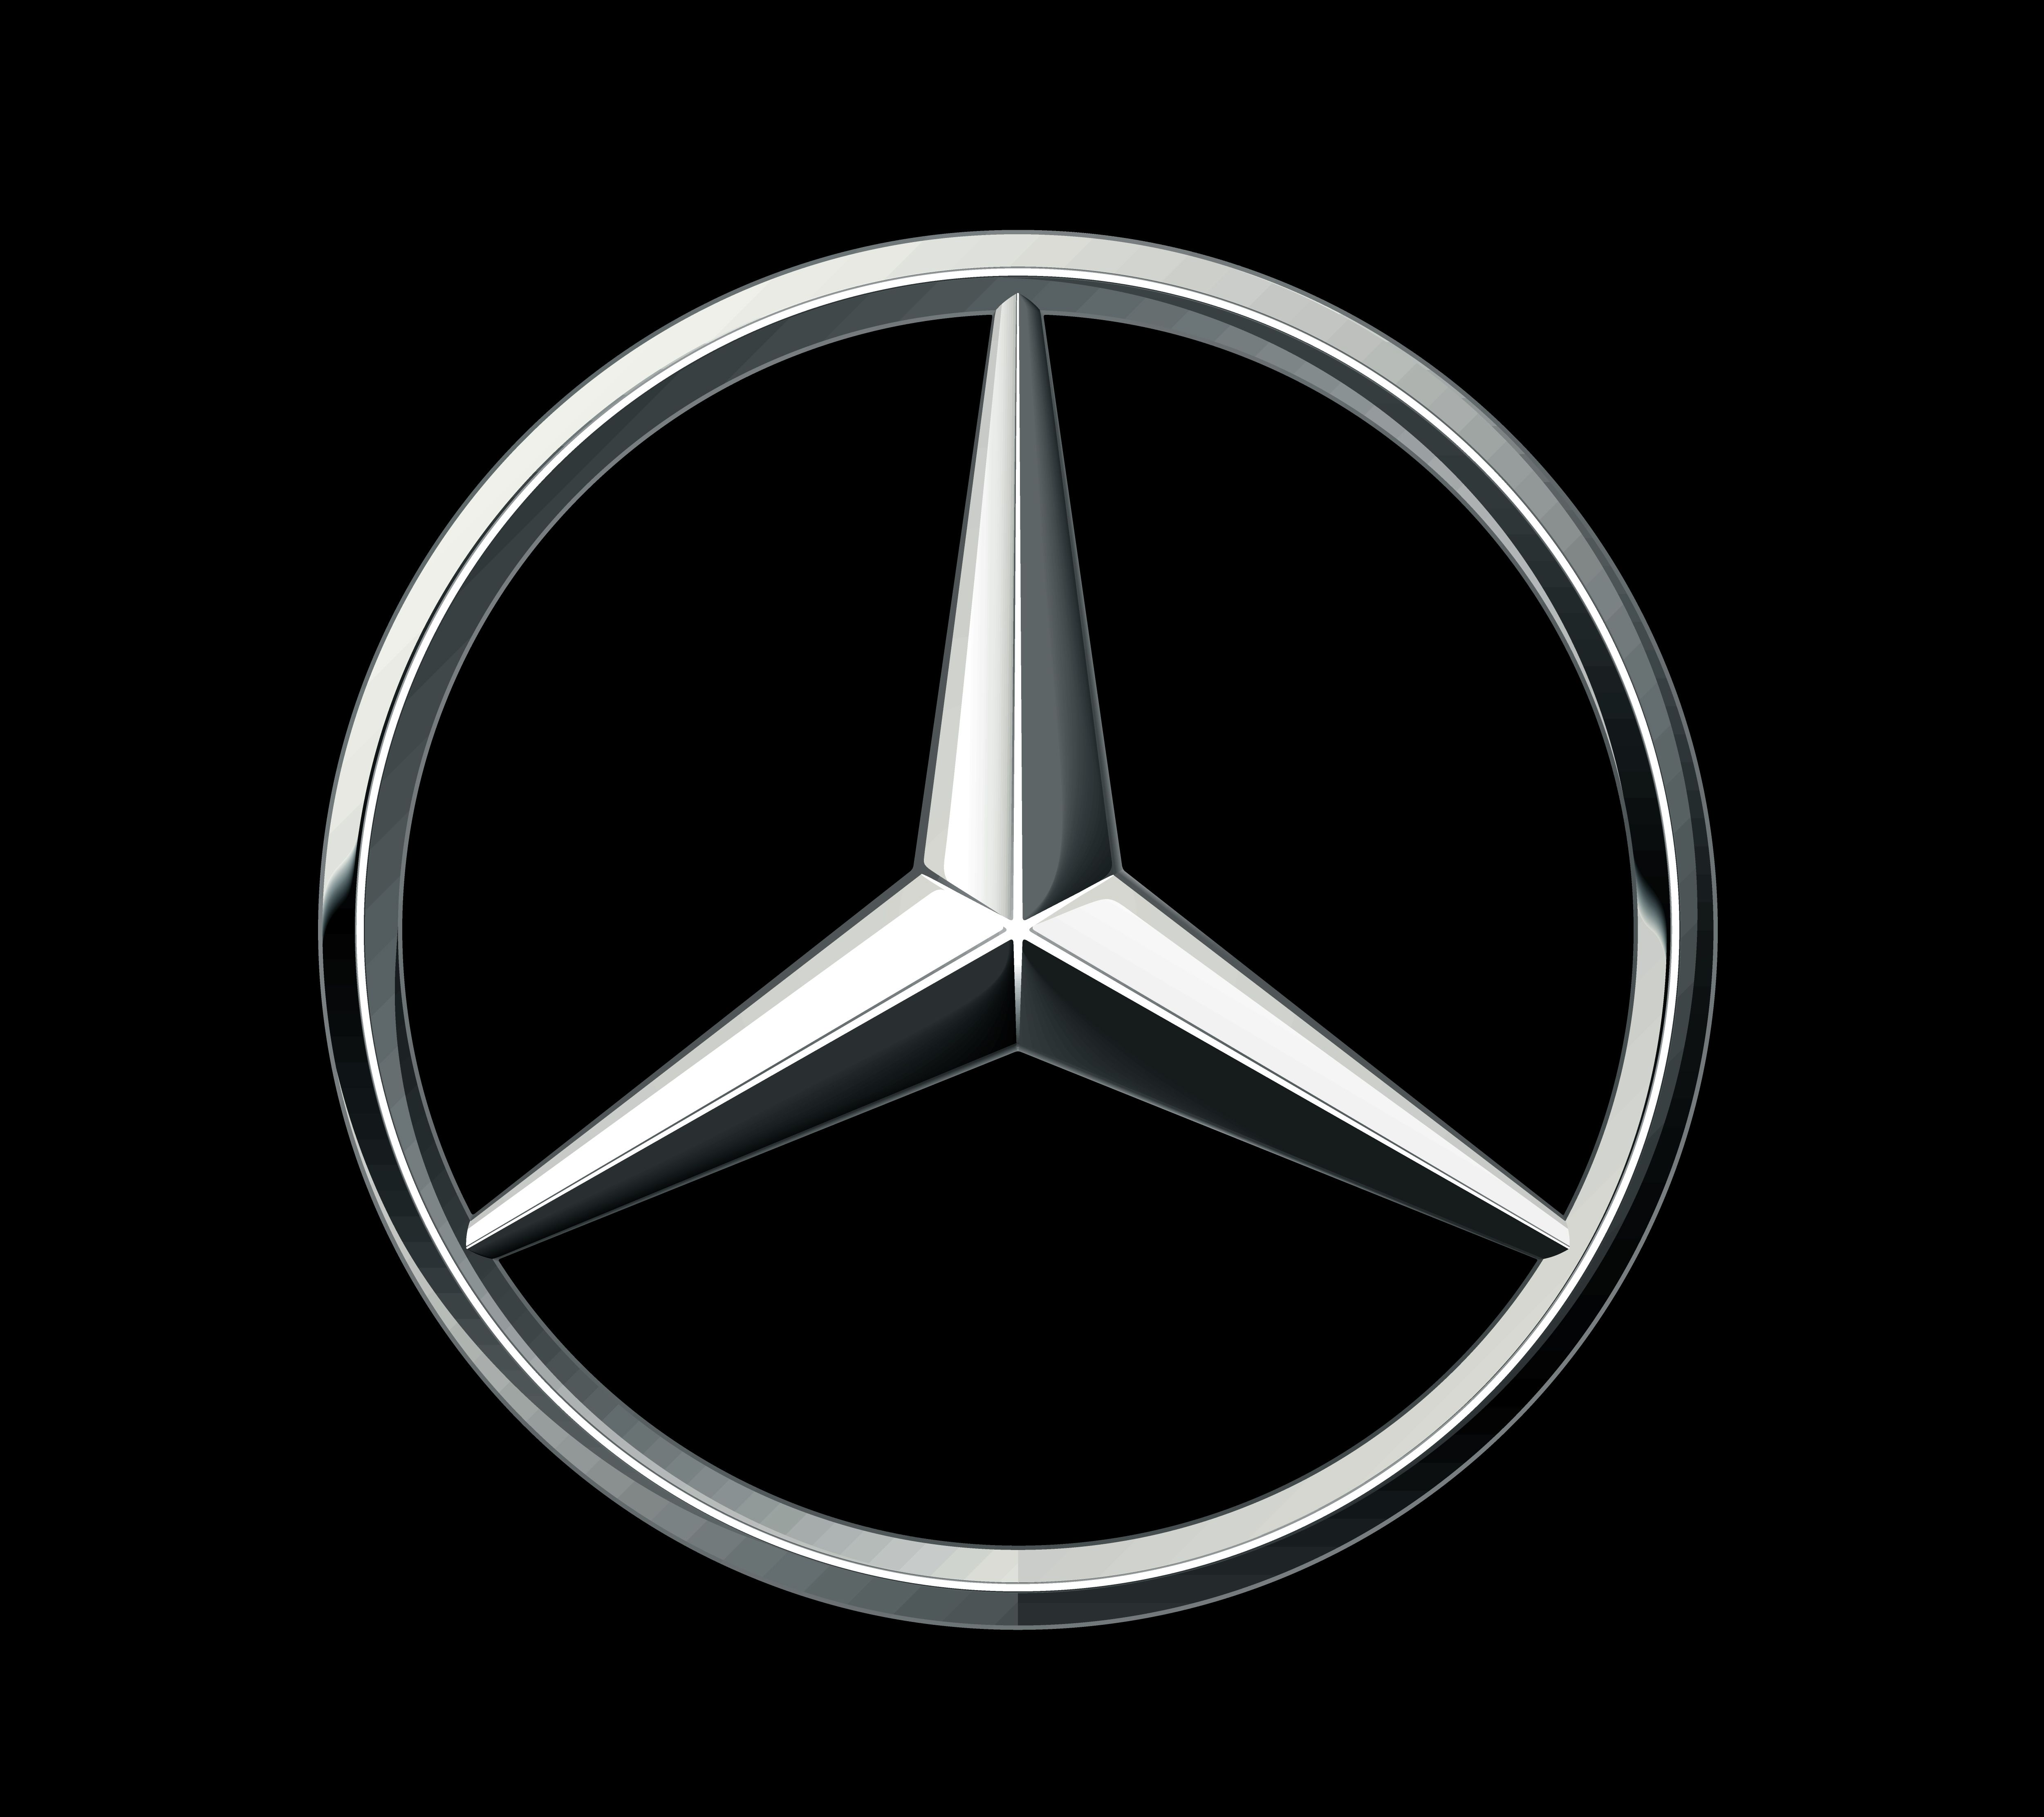 2003 2005 Entro A Formar Parte De La Empresa Asturiana De Automóviles Y Repuestos S A Concesionario Mercedes Benz Mercedes Logo Mercedes Benz Logo Mercedes